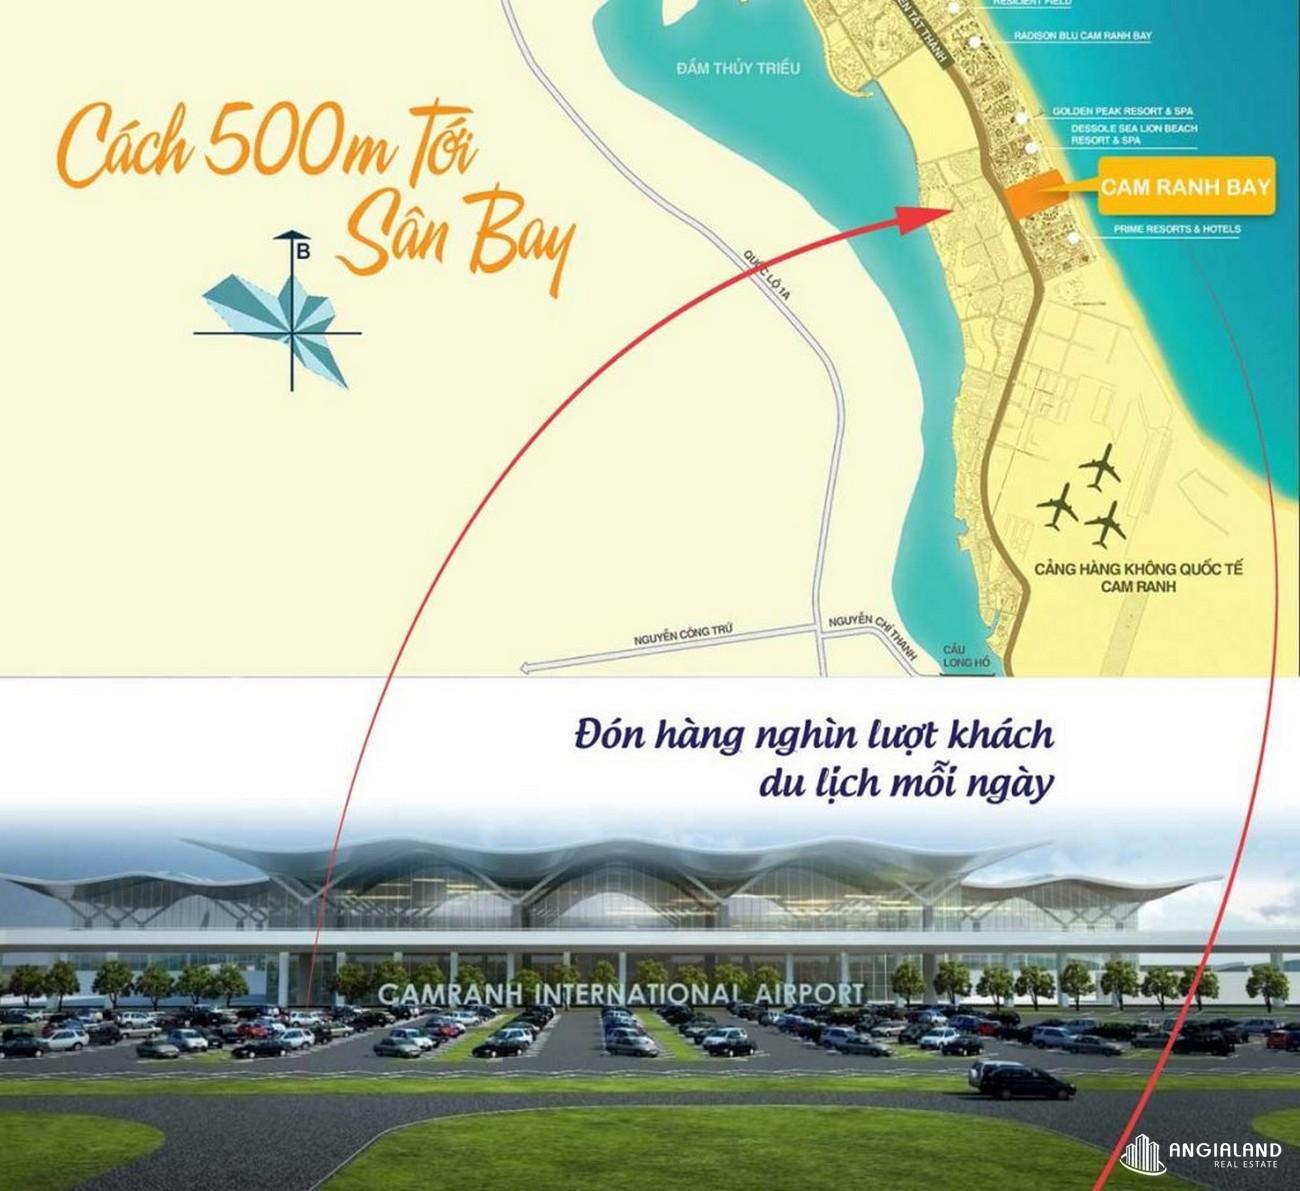 Vị trí địa chỉ dự án căn hộ condotel Cam Ranh Bay Đường Nguyễn Tất Thành chủ đầu tư Việt Nhật